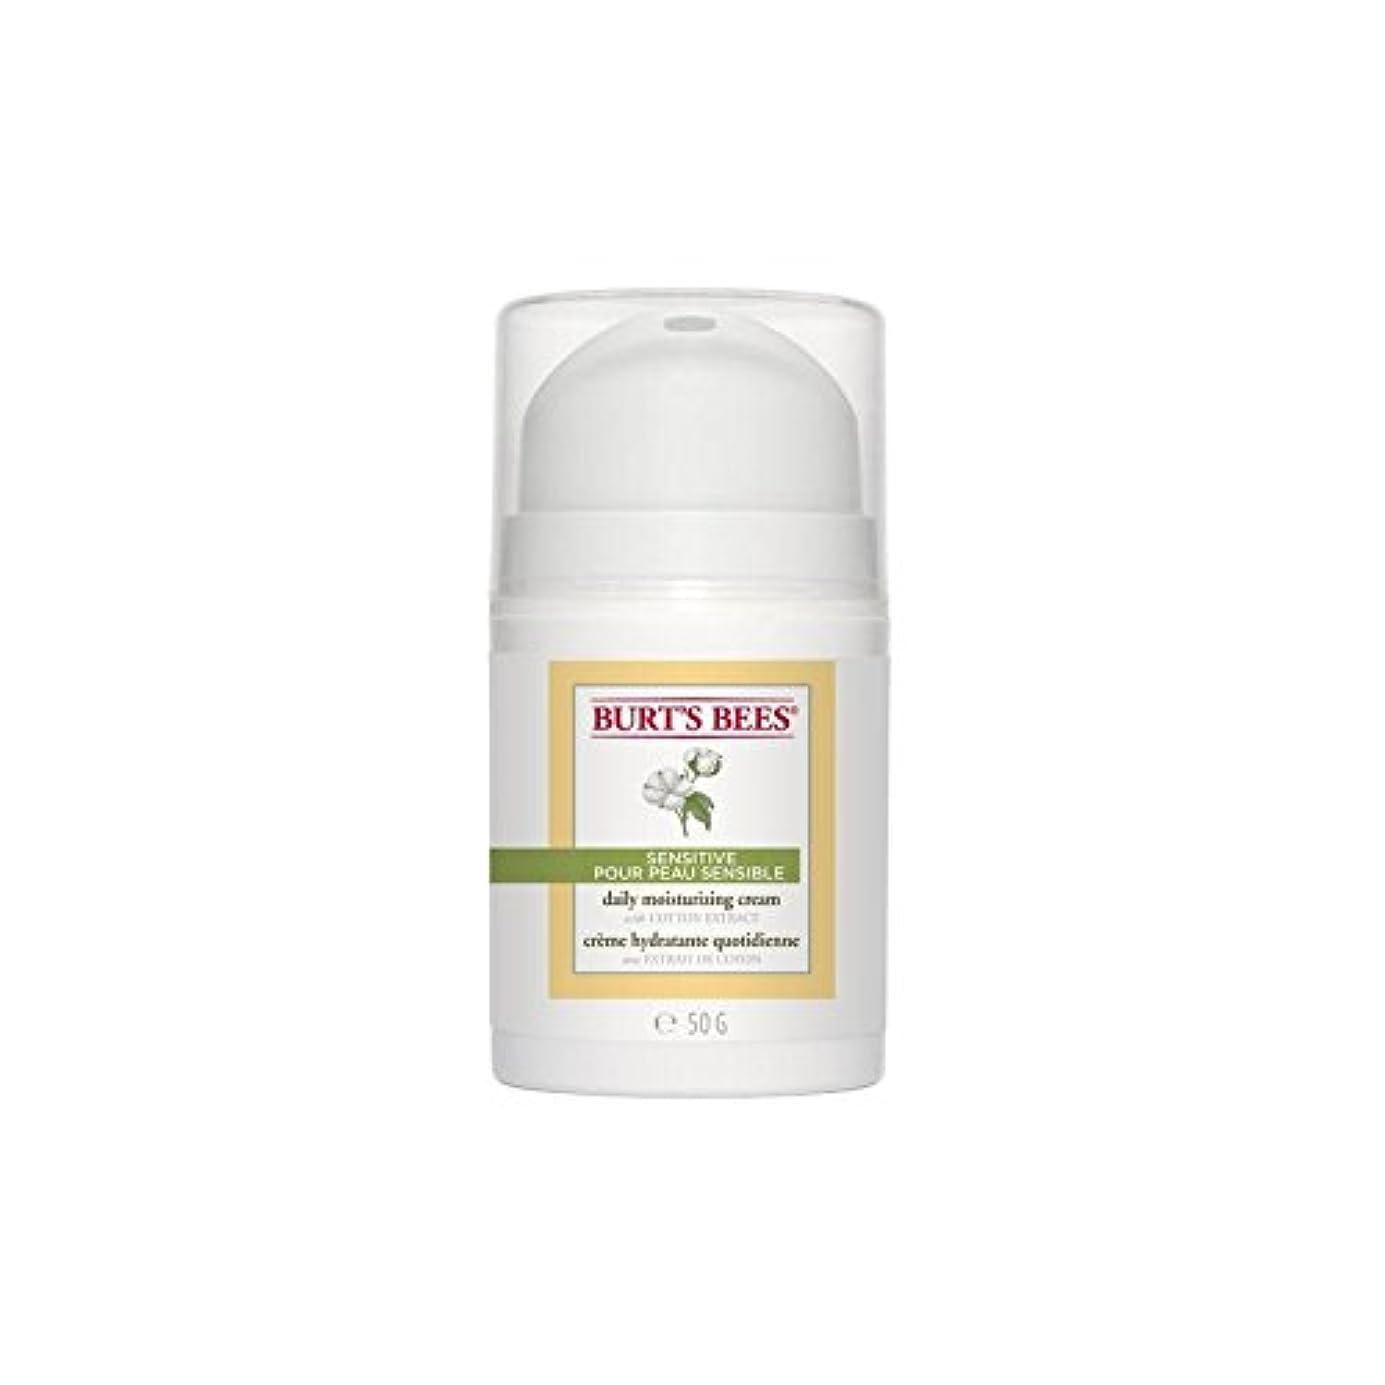 アテンダント対立余分なバーツビー敏感毎日保湿クリーム50グラム x2 - Burt's Bees Sensitive Daily Moisturising Cream 50G (Pack of 2) [並行輸入品]